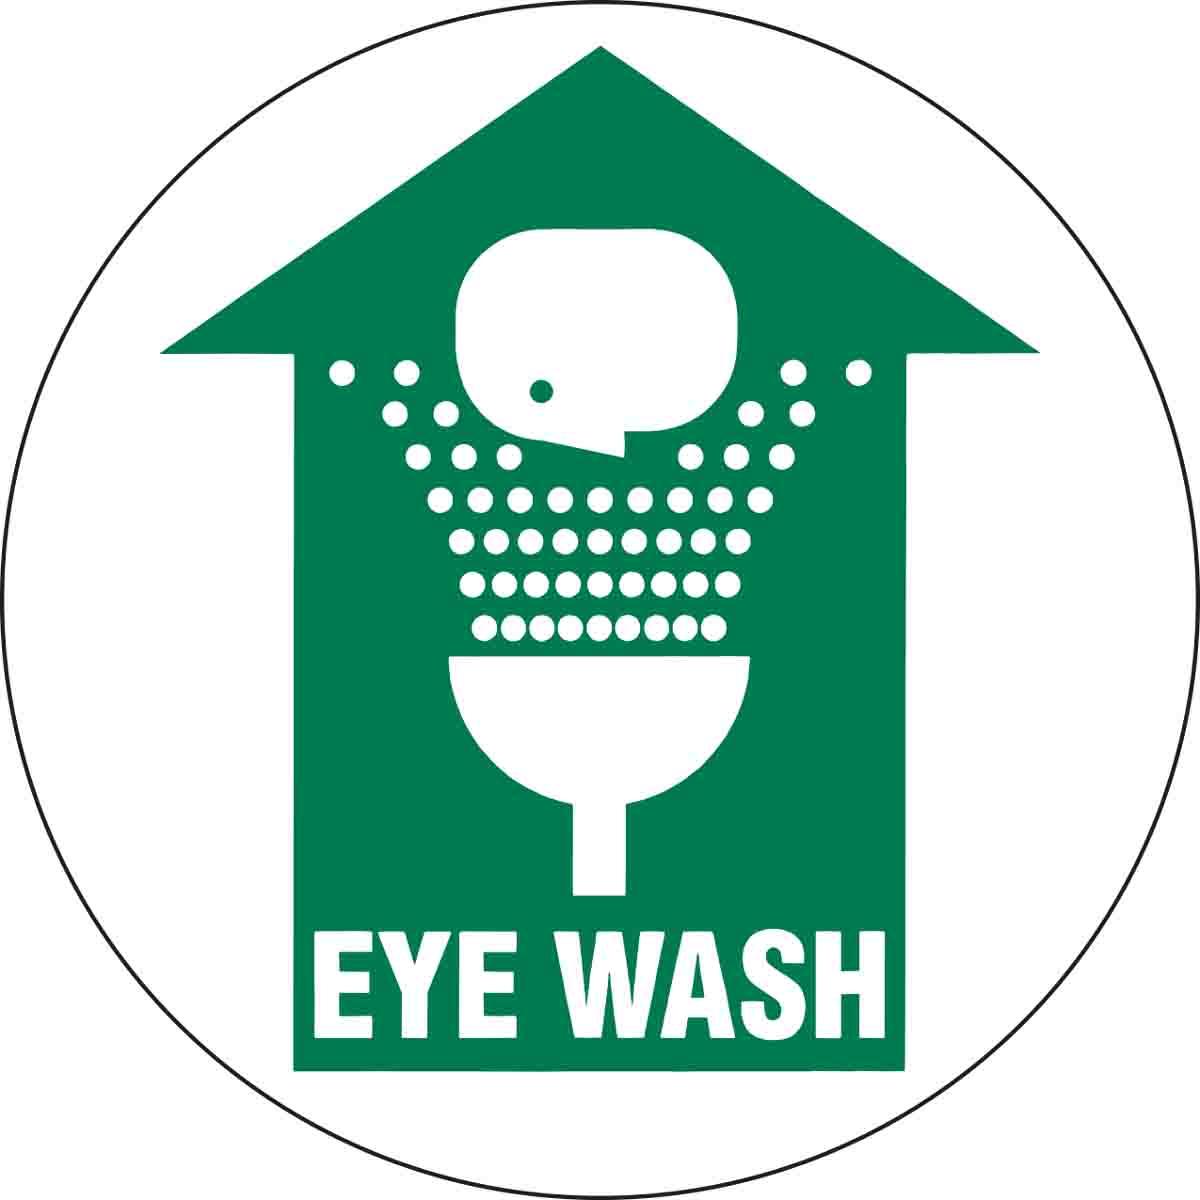 Eye Wash Anti Slip Floor Sign Brady Part 97609 Brady Bradyid Com